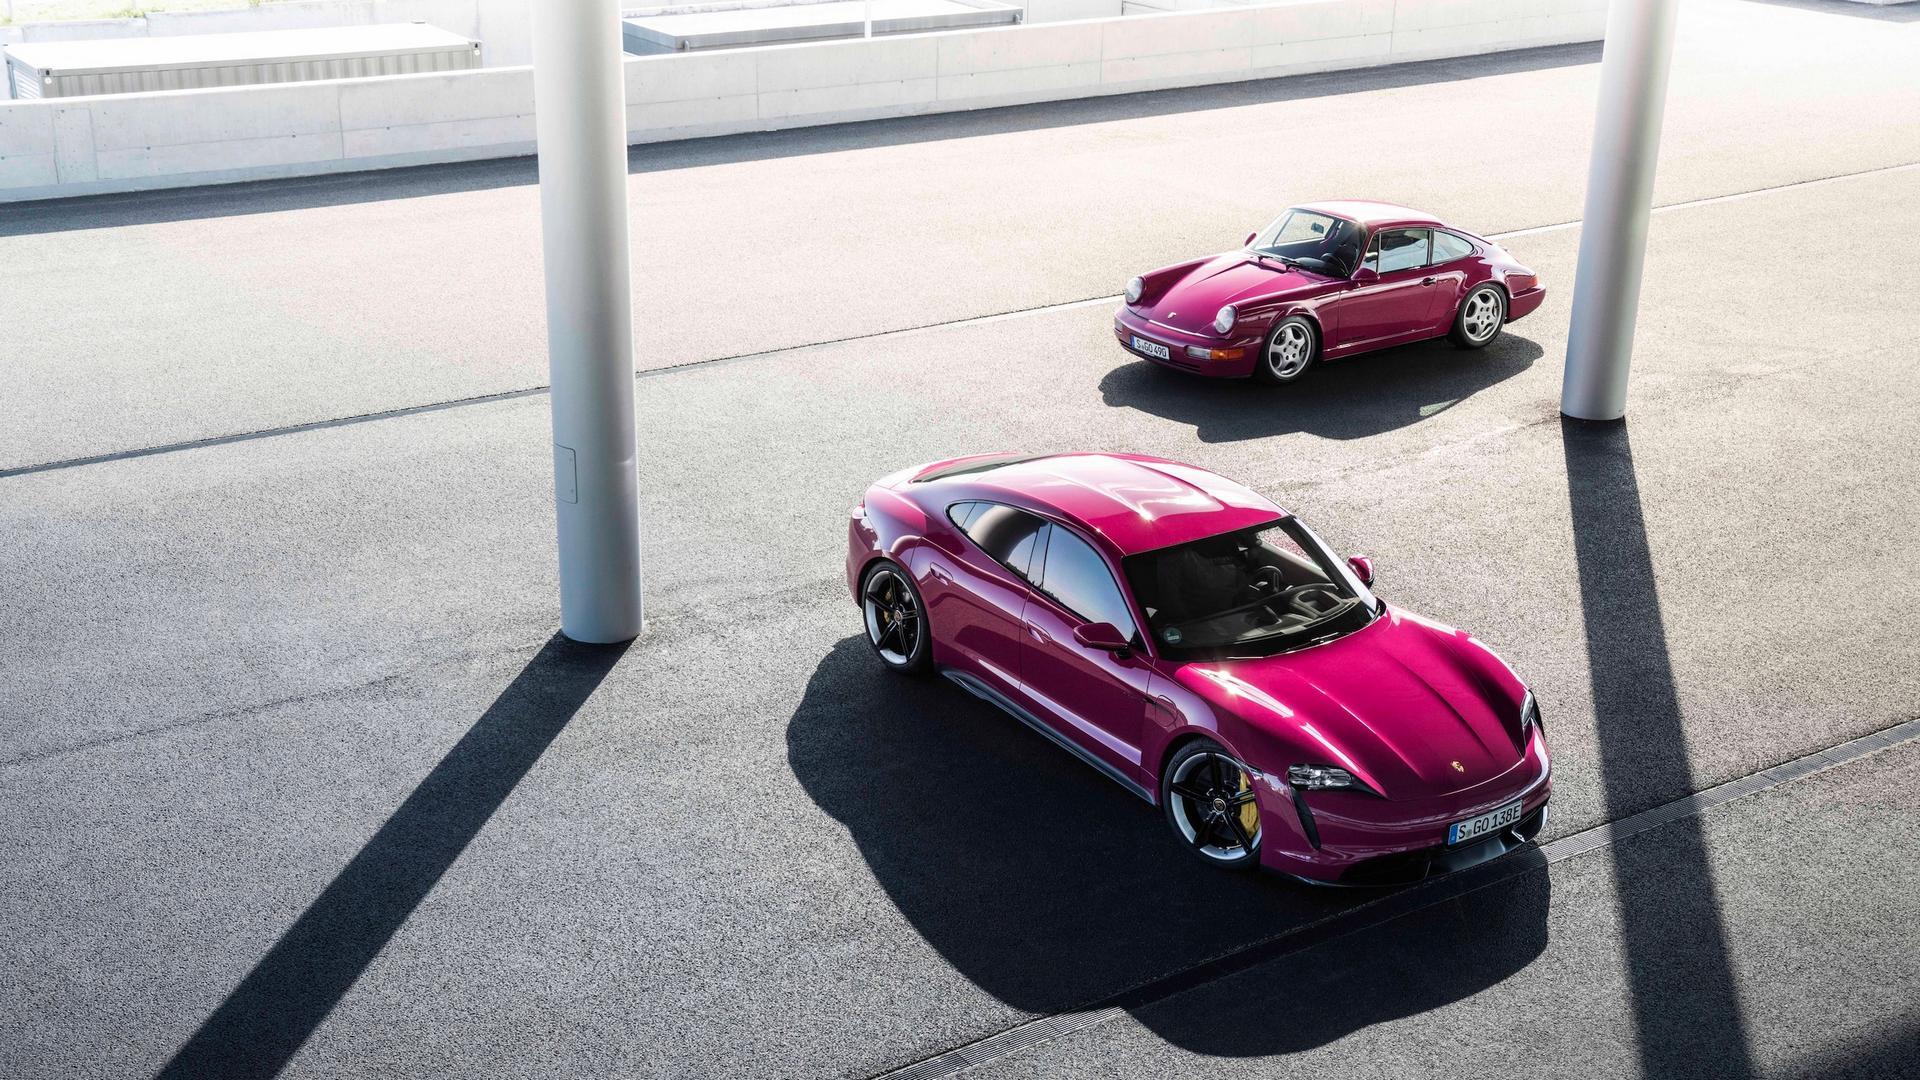 Ruby red Porsche Taycan